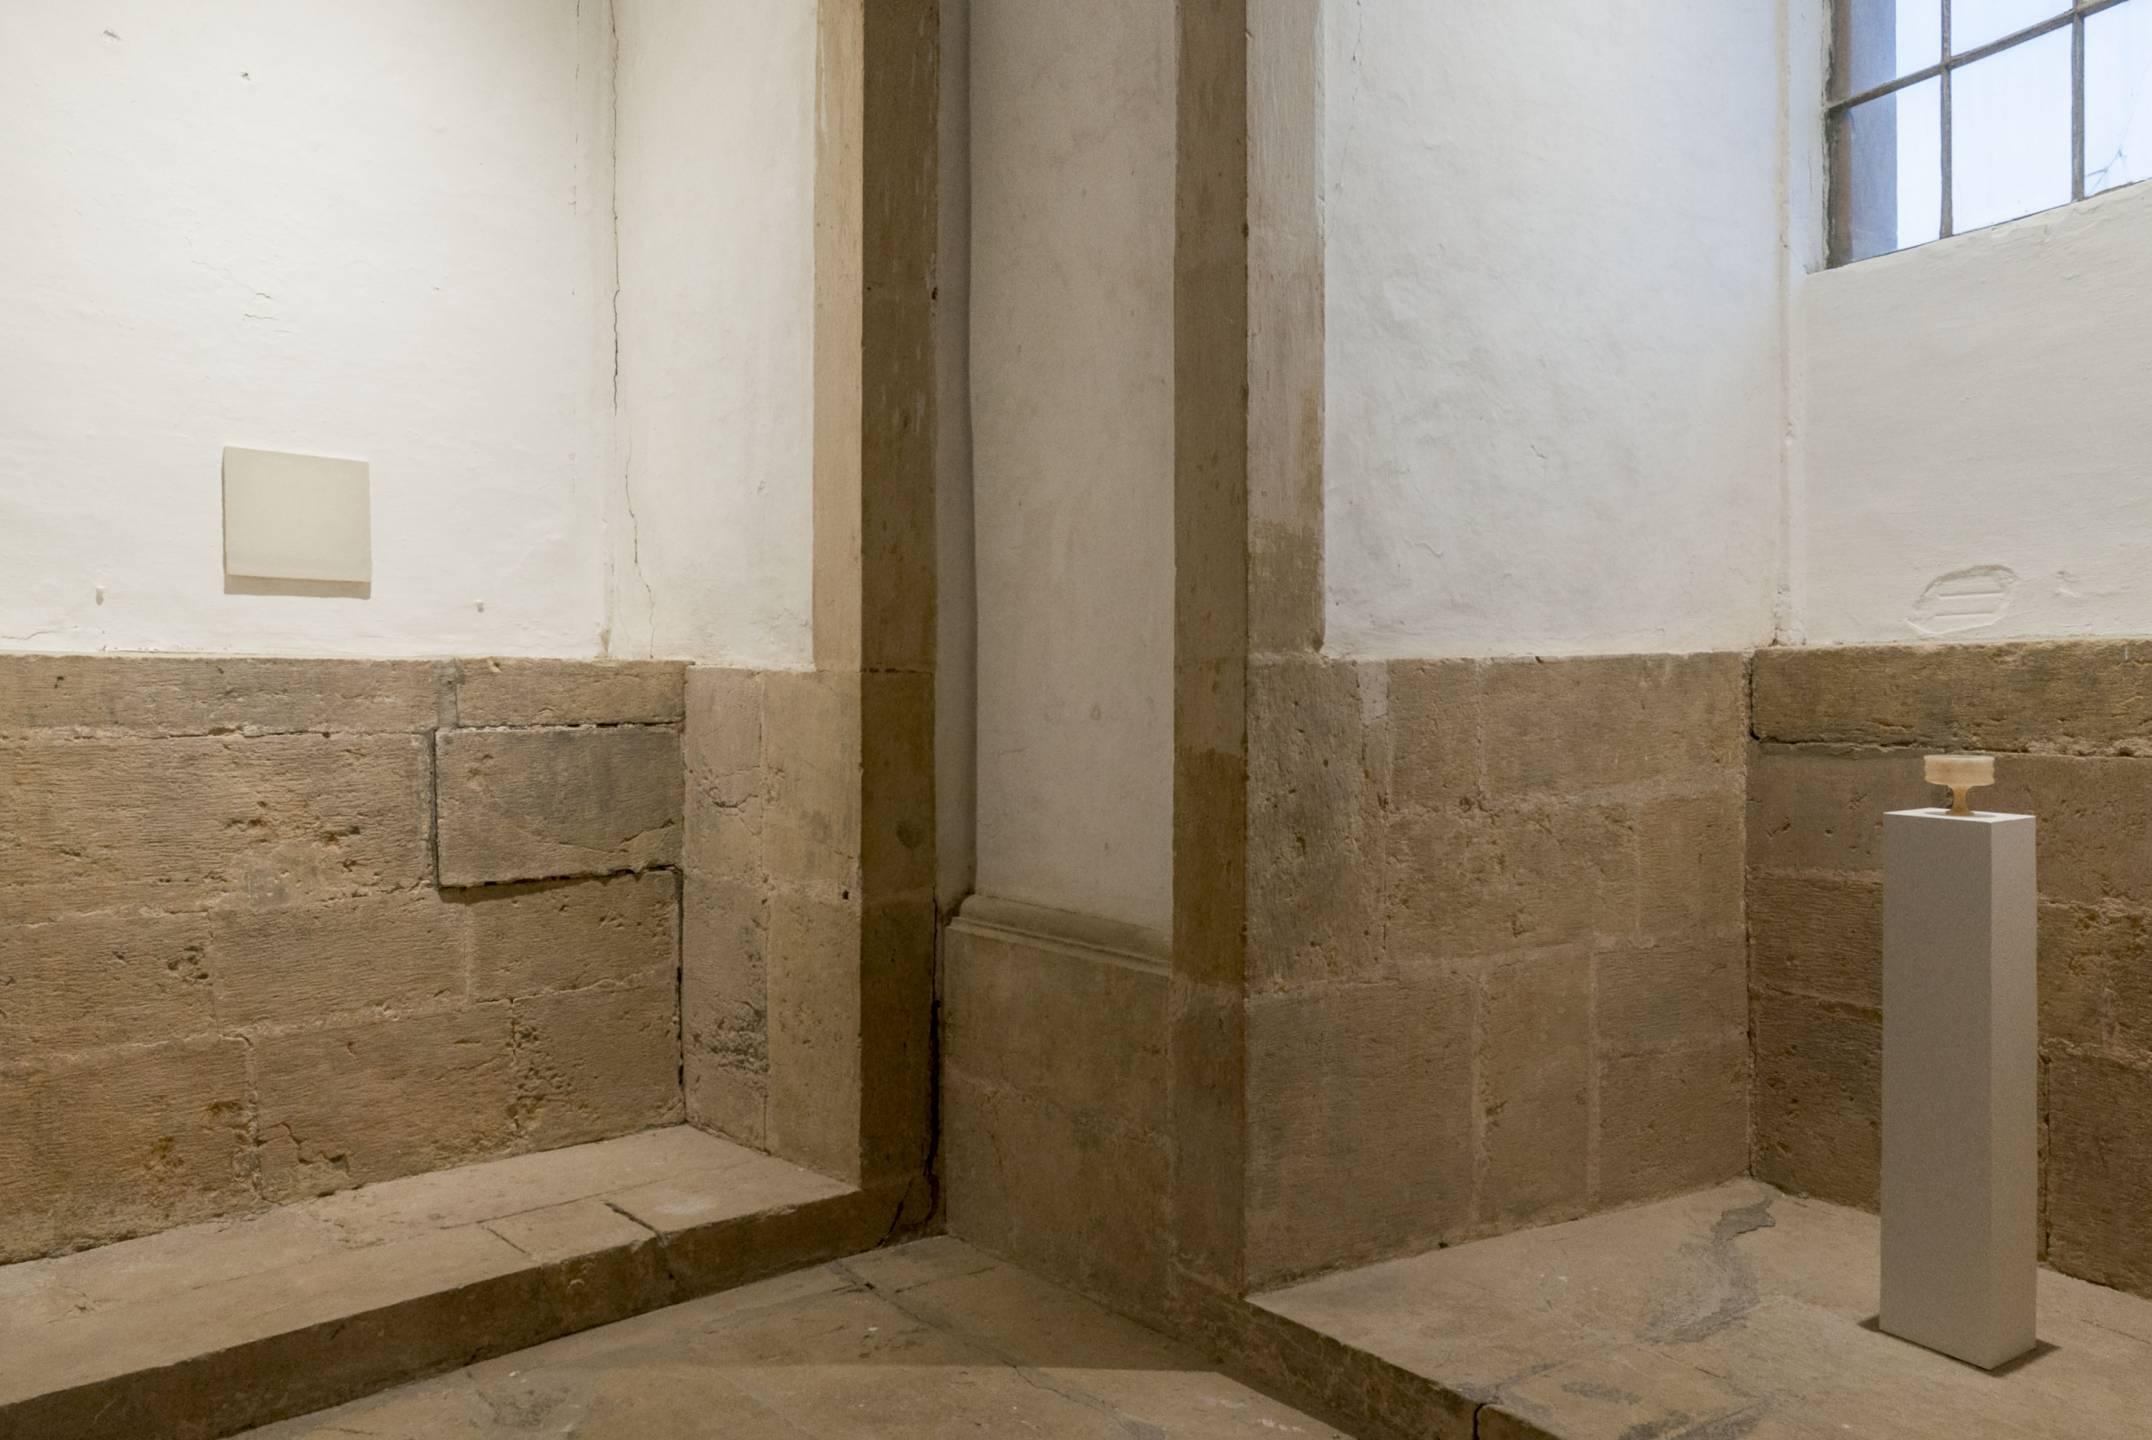 Lucas Arruda, <em>Anozero – Bienal de Arte Contemporânea de Coimbra</em>, Coimbra, 2017 - Mendes Wood DM